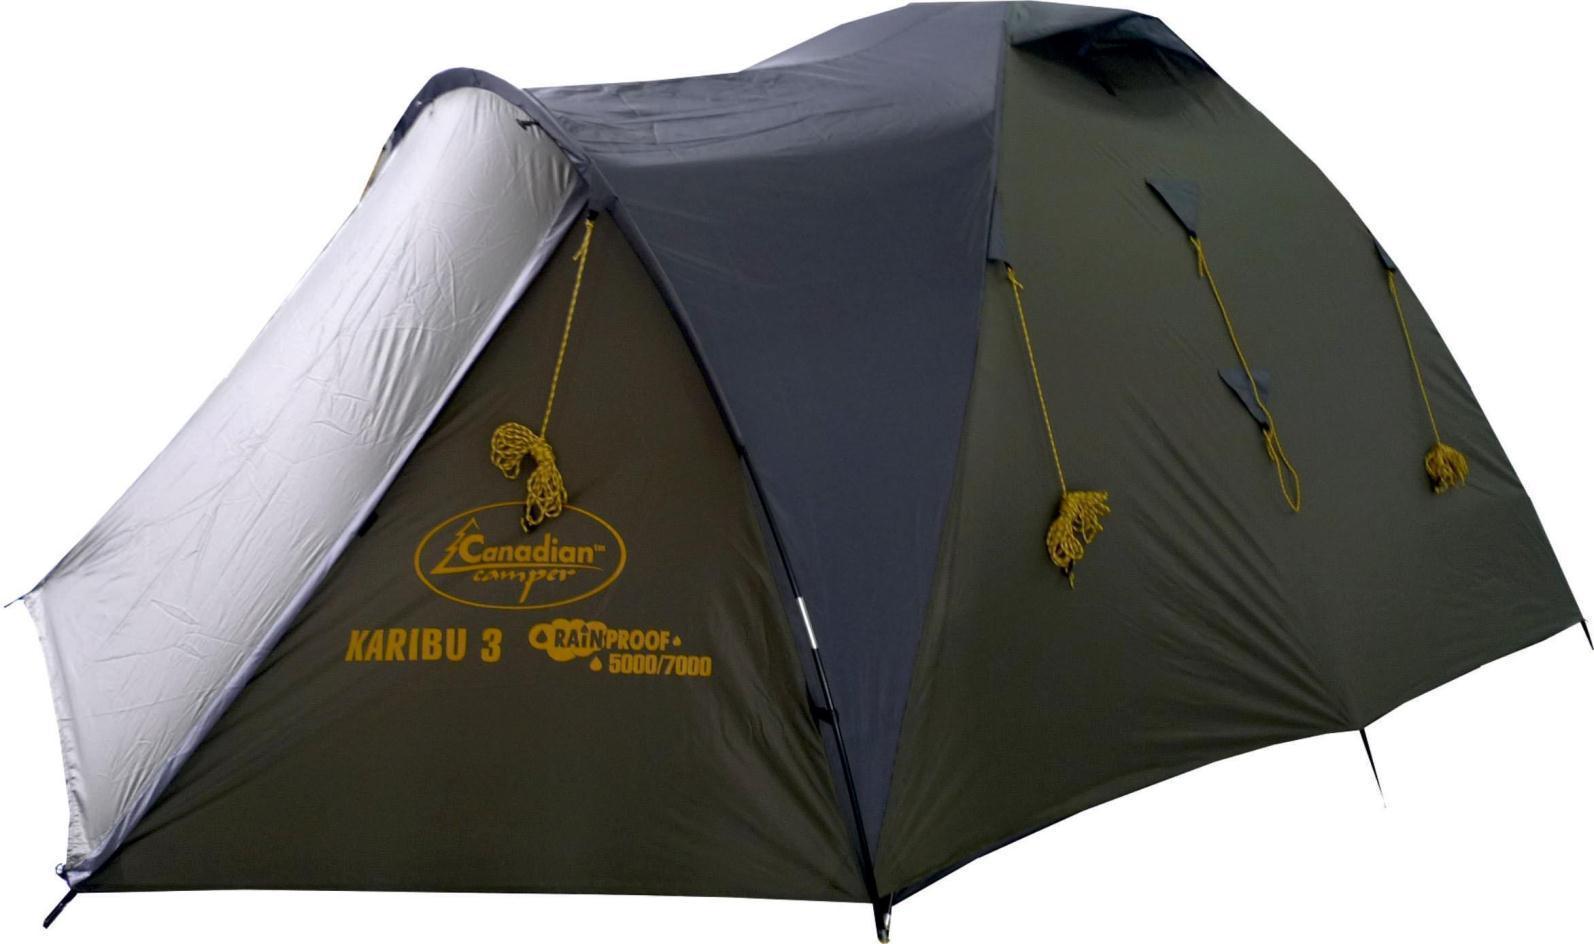 Палатка Canadian Camper Karibu 3, цвет: зеленый, серый30300053Палатка Canadian Camper Karibu 3 очень популярна и излюблена среди поклонников туризма и отдыха на природе. Палатка трехместная и имеет более просторный в сравнении со многими моделями тамбур. Ее легко можно брать с собой на небольшой пикник с ночевкой, подойдет она и для пеших походов или многодневного палаточного лагеря. Компактная в сложенном виде, но при этом просторная и высокая туристическая палатка легко устанавливается.Размер внешней палатки: 310 х 205 х 130 см.Размер внутренней палатки: 210 х 200 х 130 см